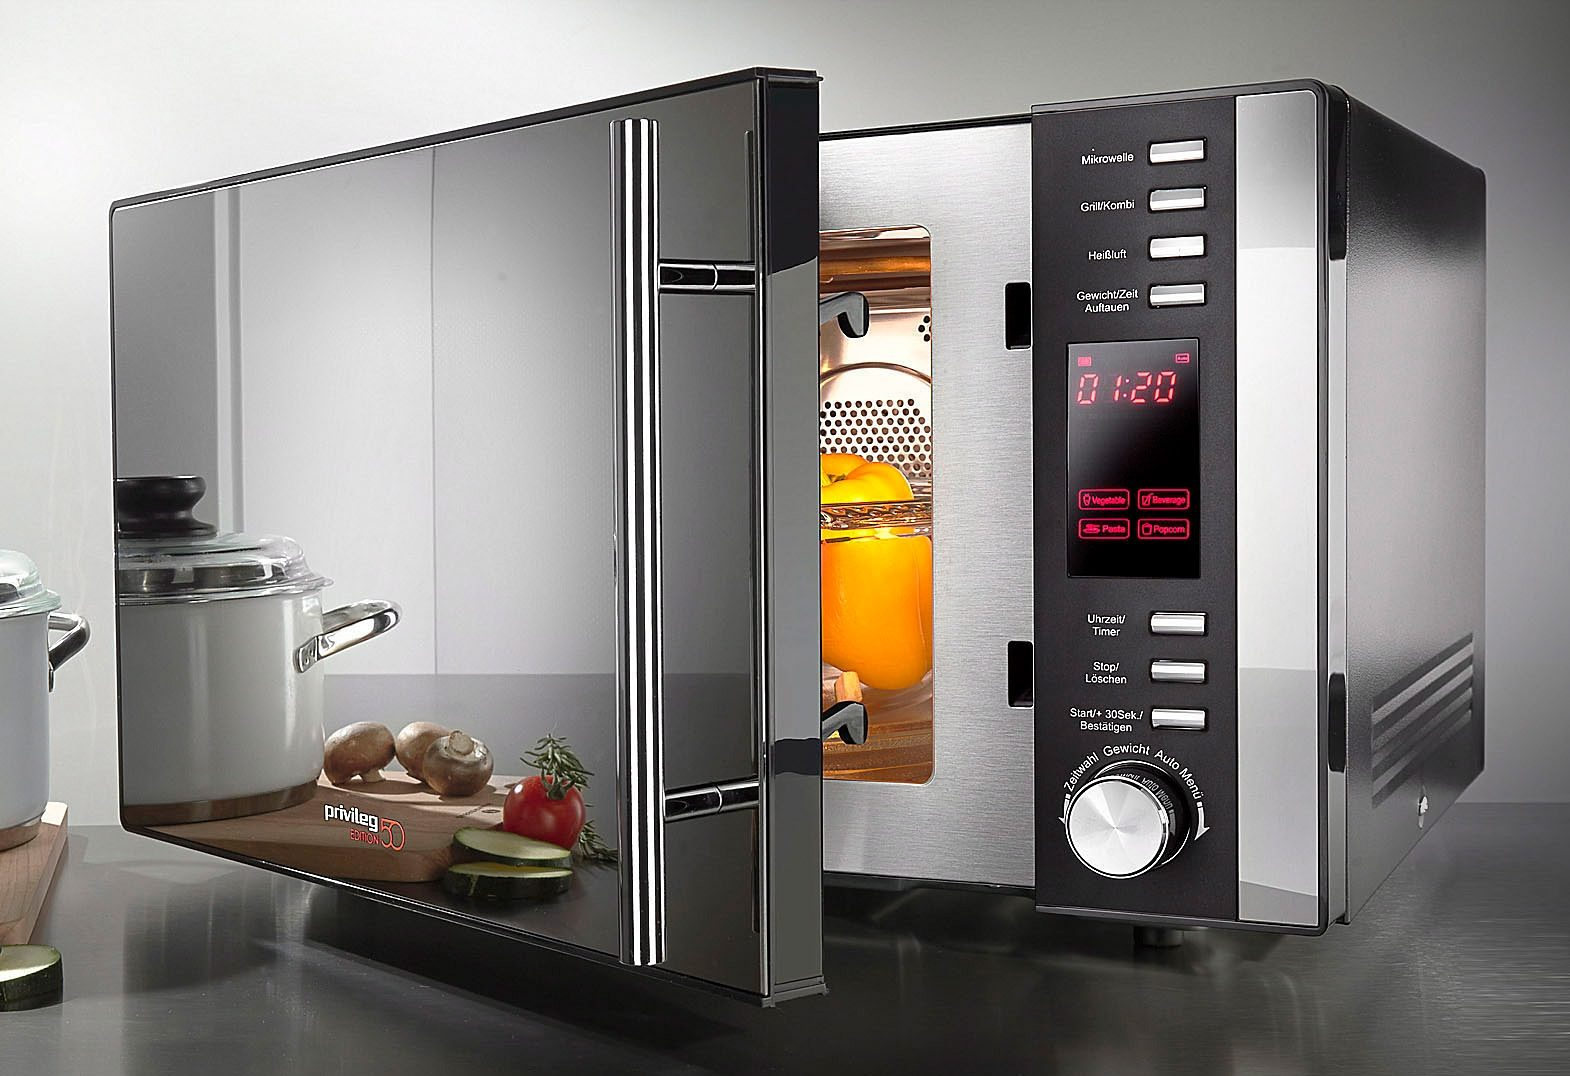 Privileg Mikrowelle AC925EBL, 900 W, 3-in-1 Gerät mit Grill und Heißluft